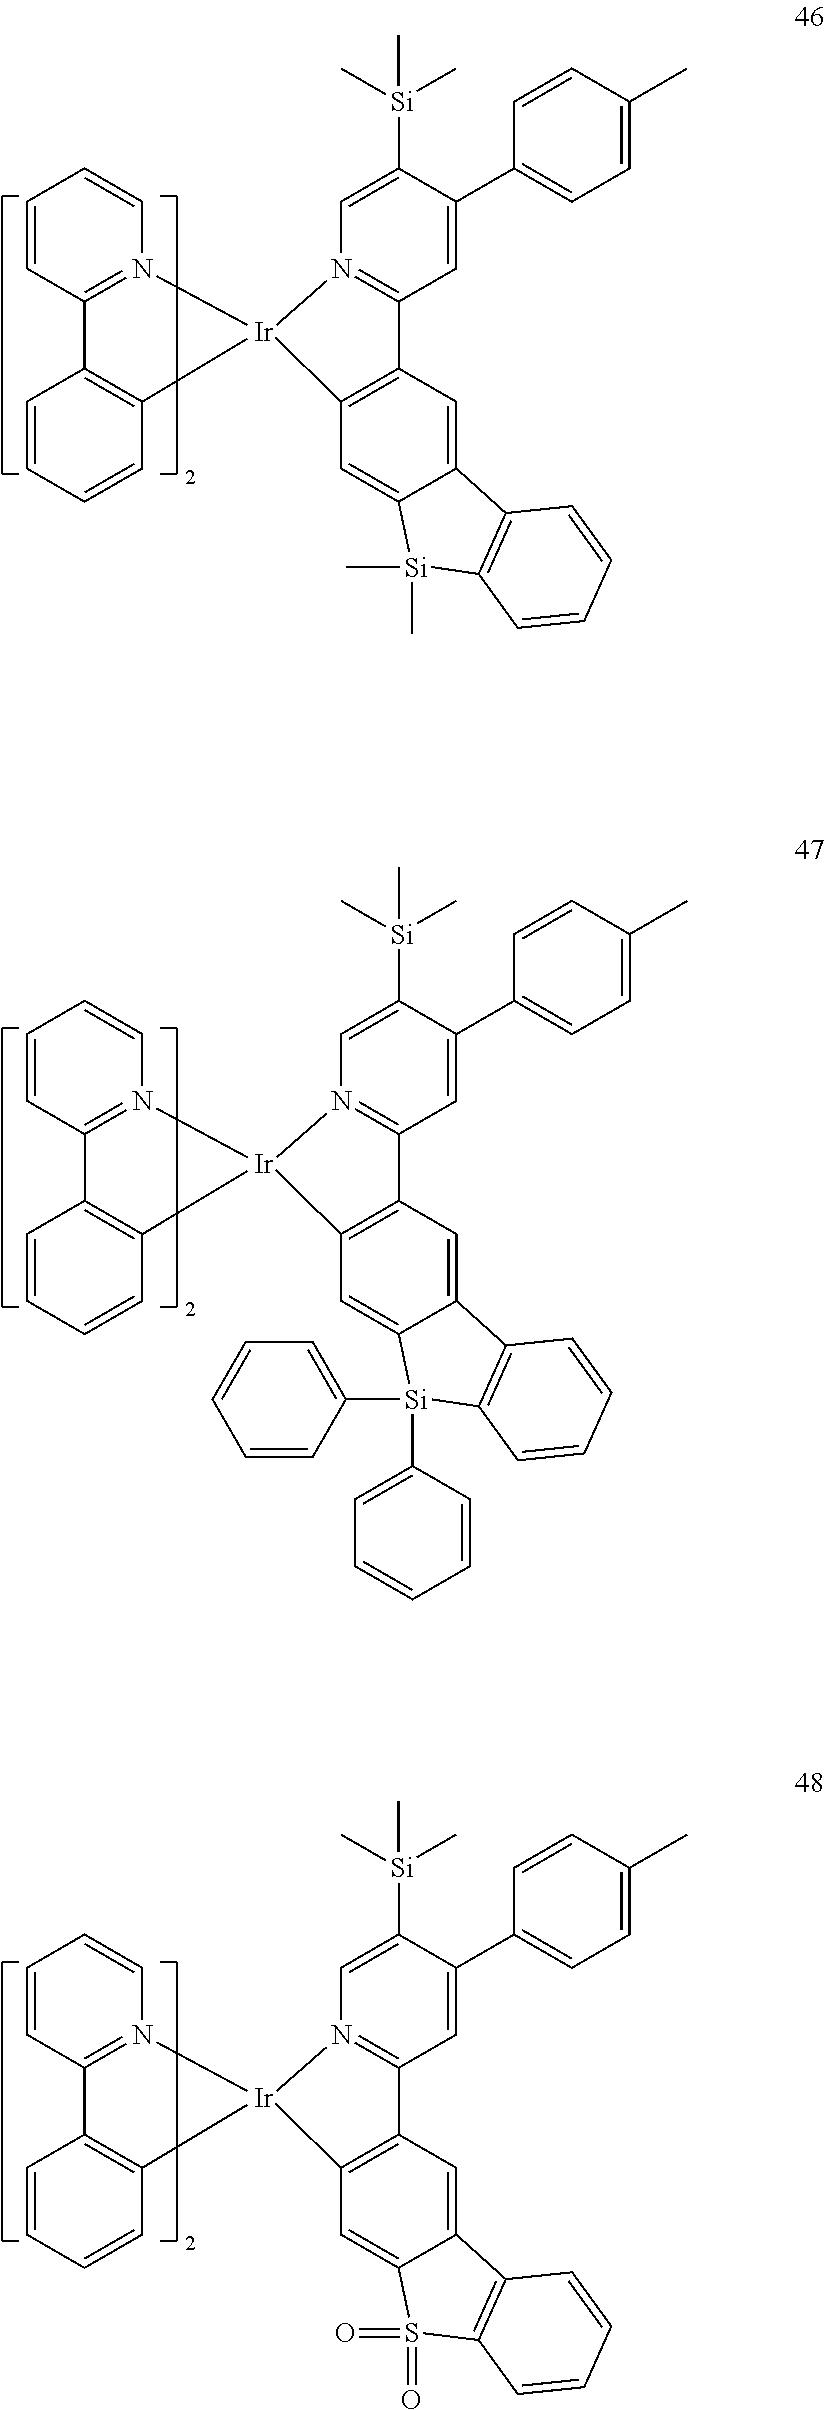 Figure US20160155962A1-20160602-C00072